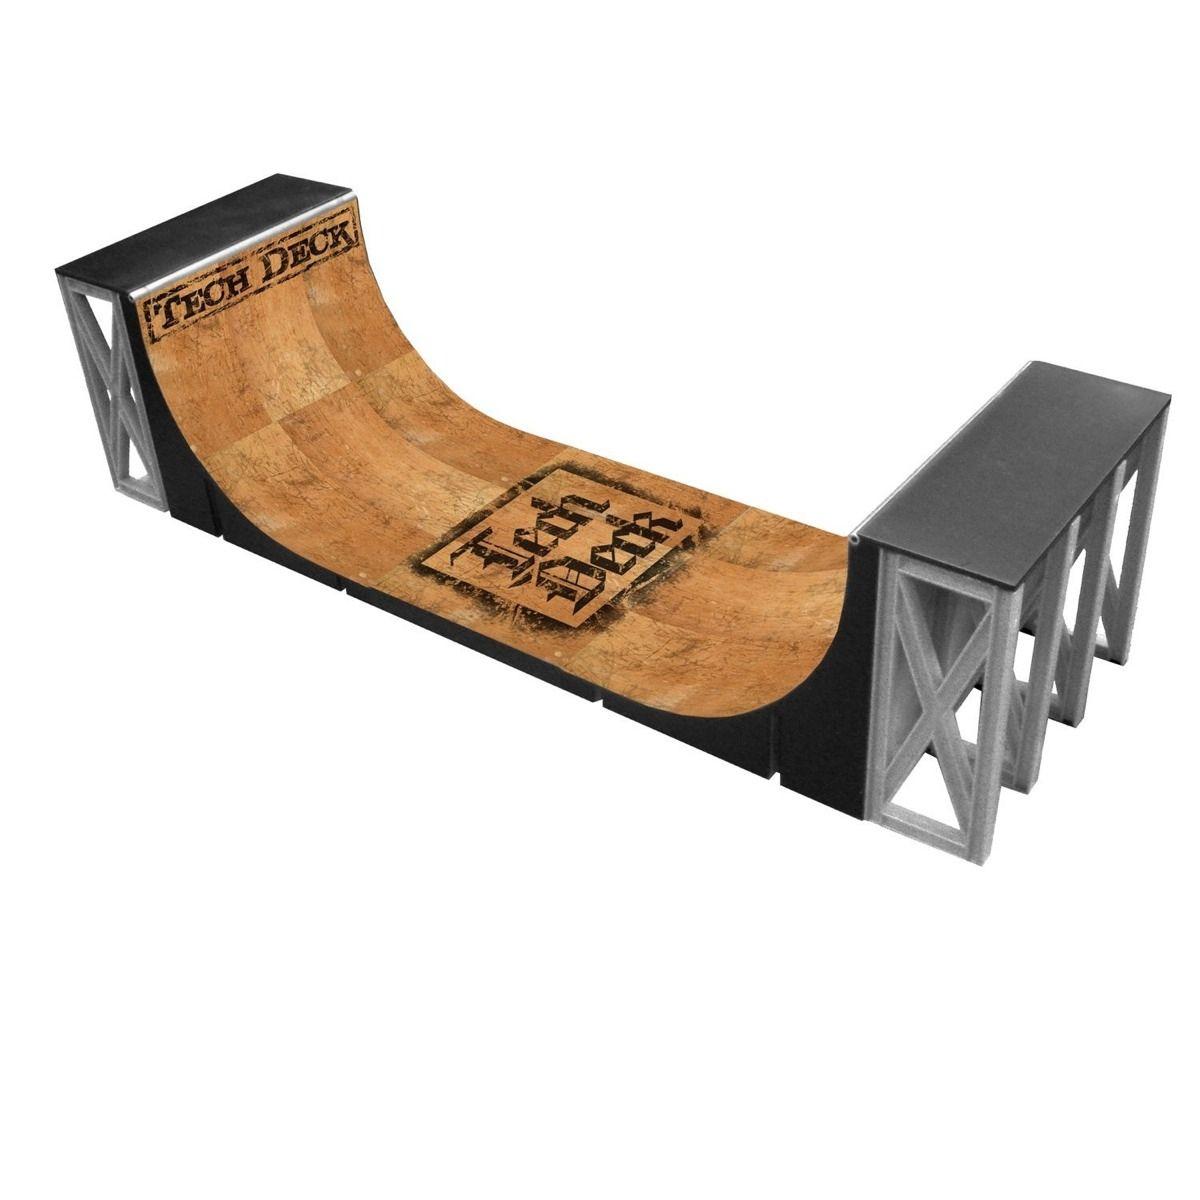 Tech Deck Halfpipe Miniramp Skateboard Ramp